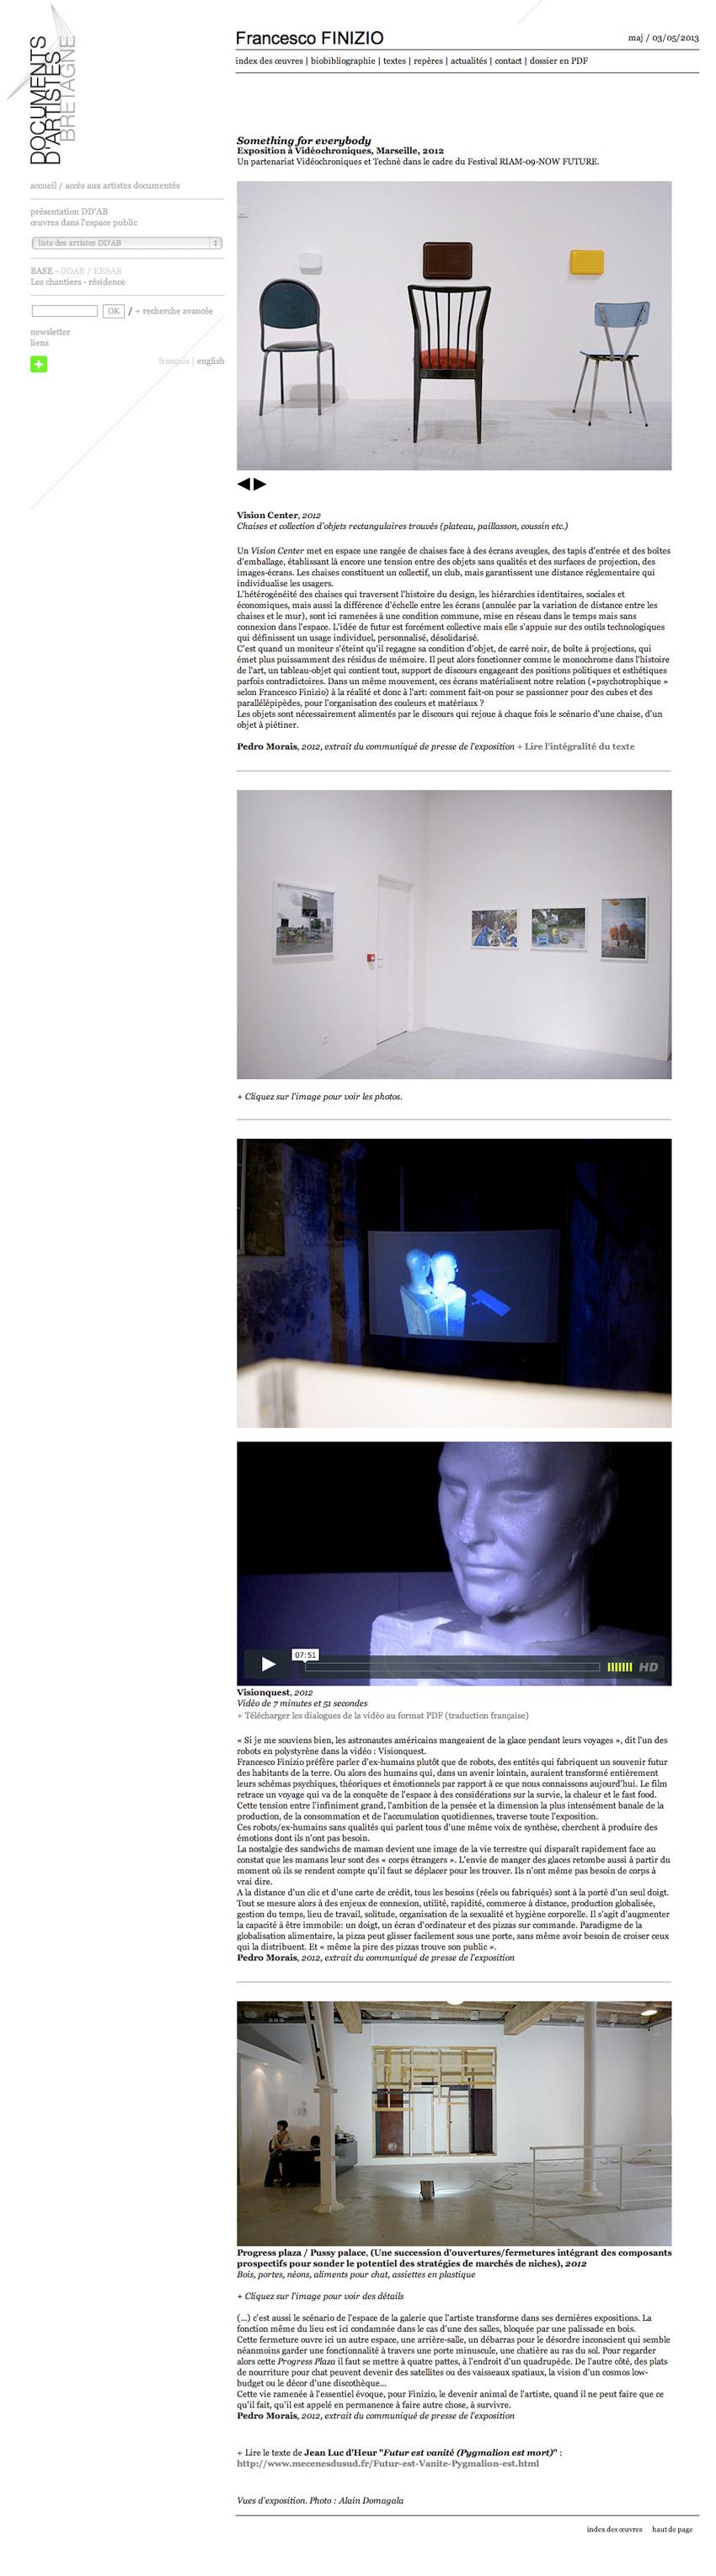 capture écran d'une fiche oeuvre  sur le site de Documents d'Artistes Bretagne DDAB de l'artiste Francesco FINIZIO sur l'exposition à Exposition à Vidéochroniques, Marseille, 2012